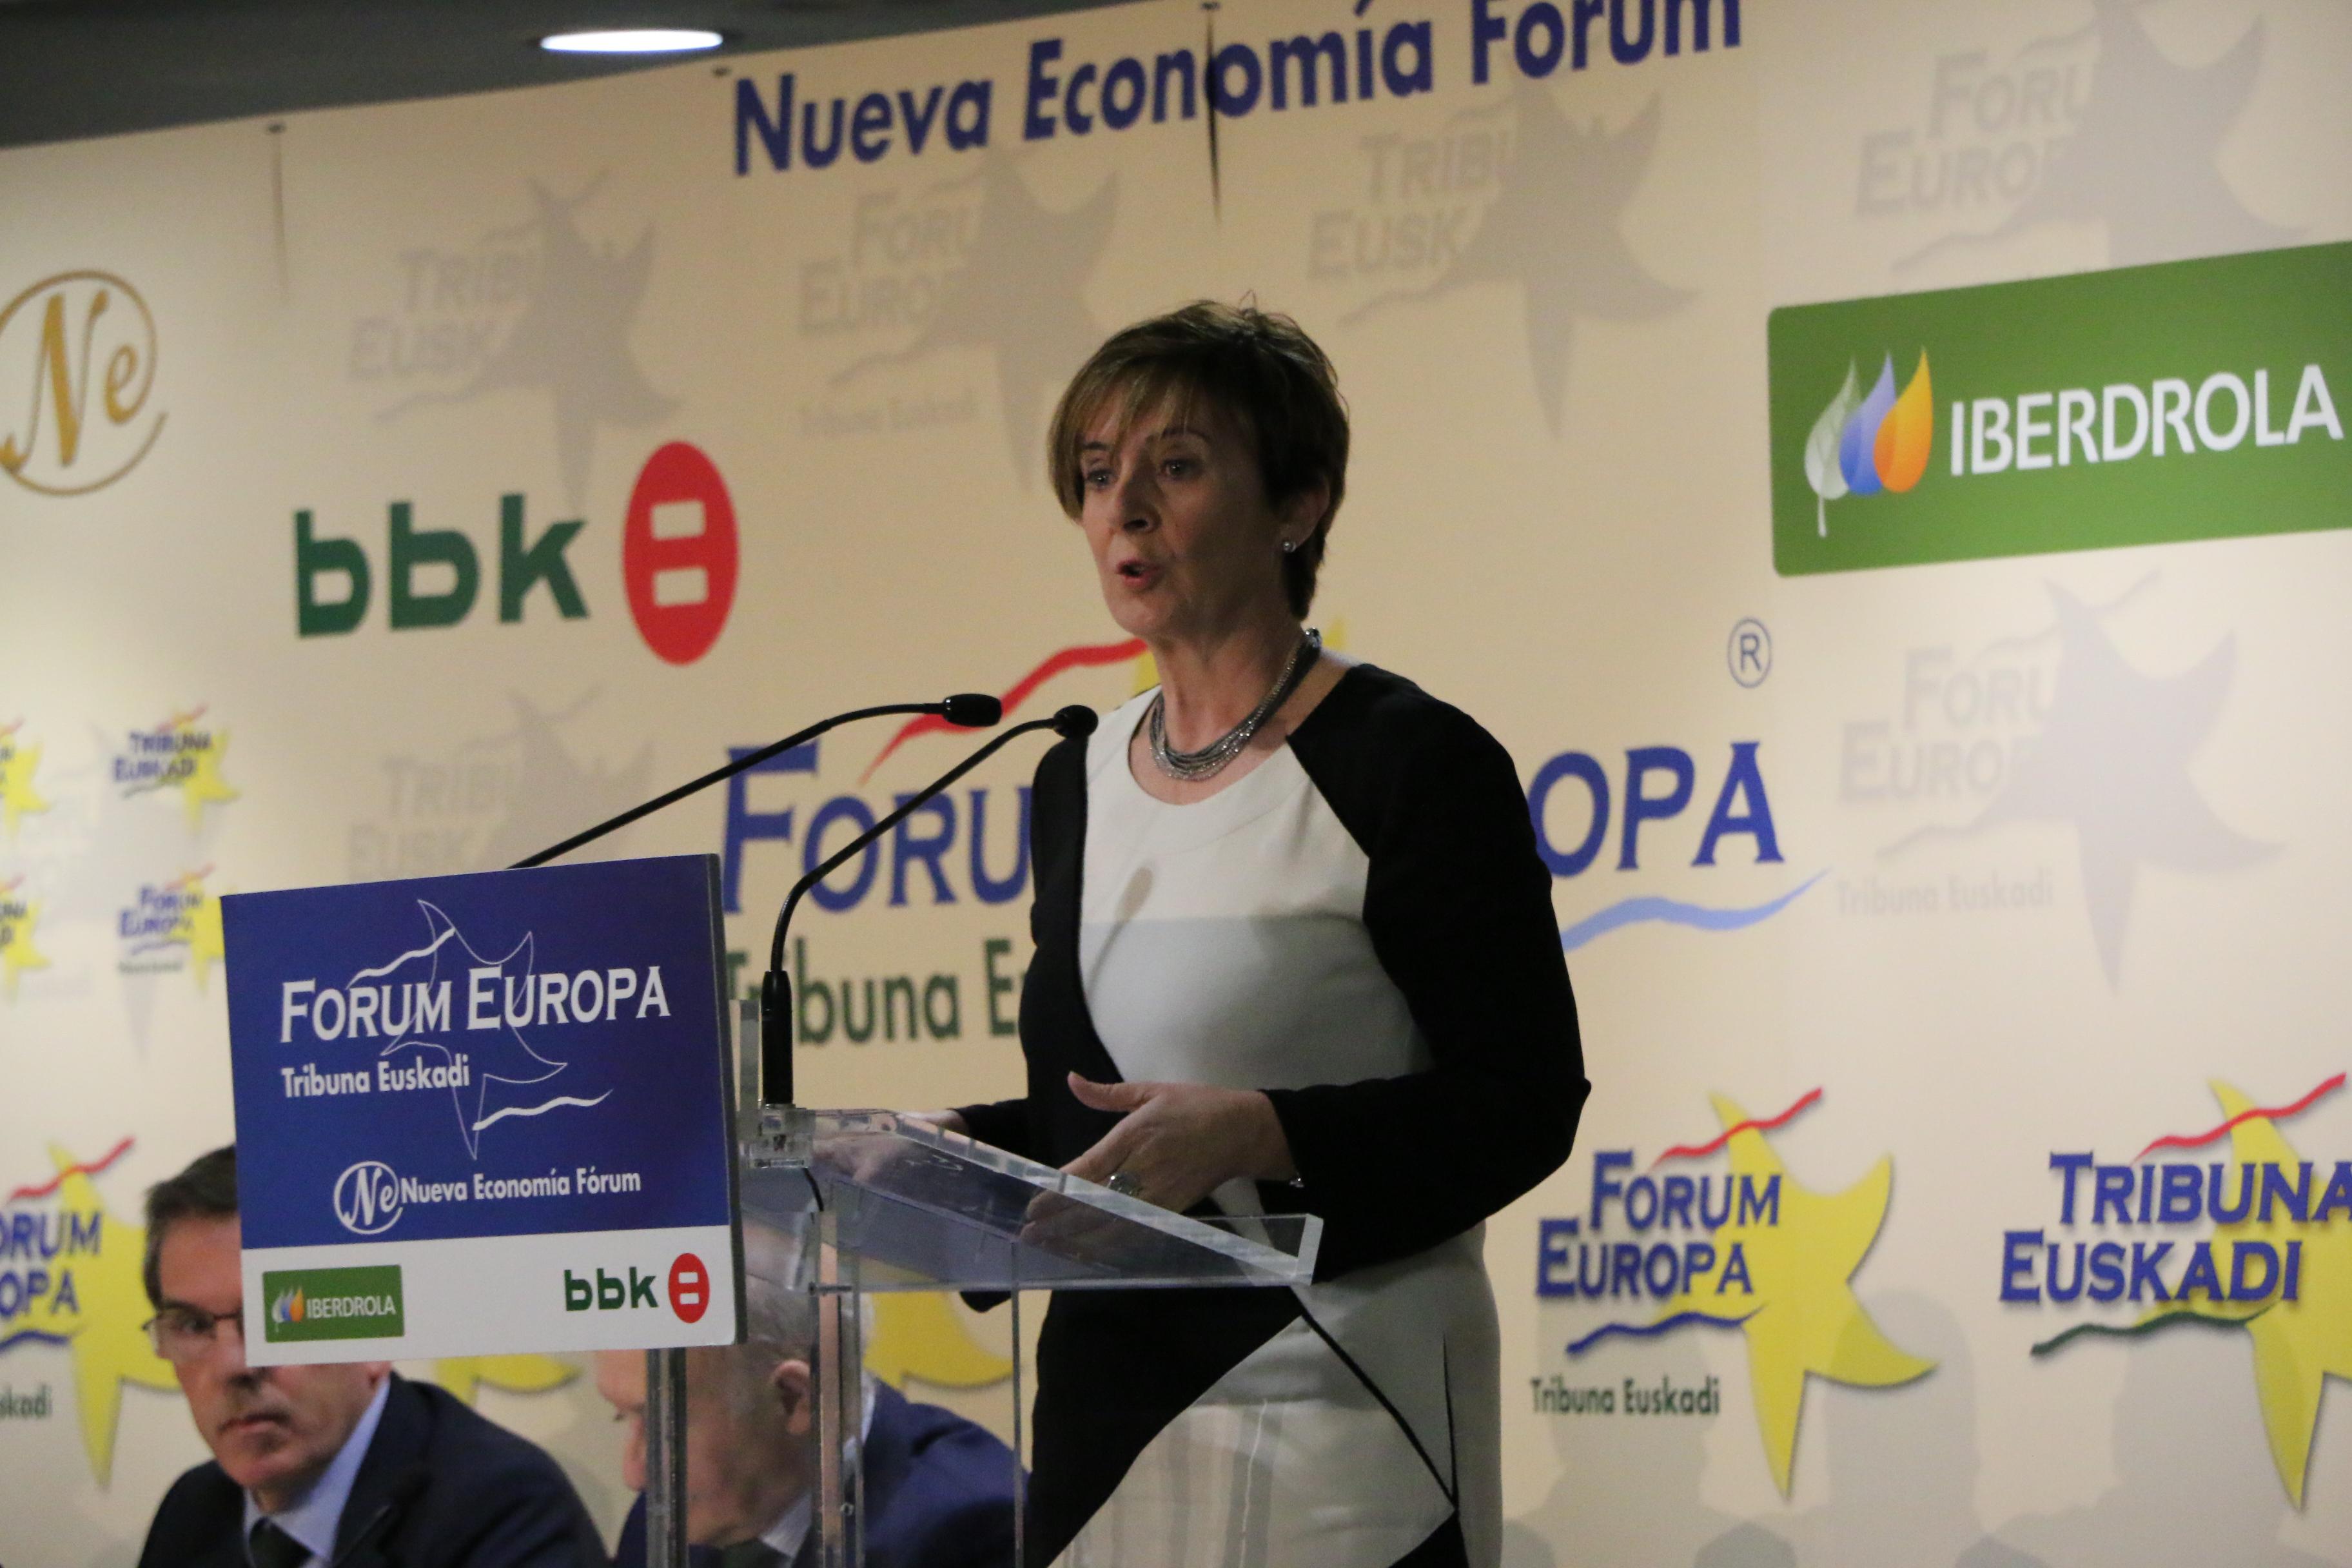 foro_nueva_economia_06.jpg